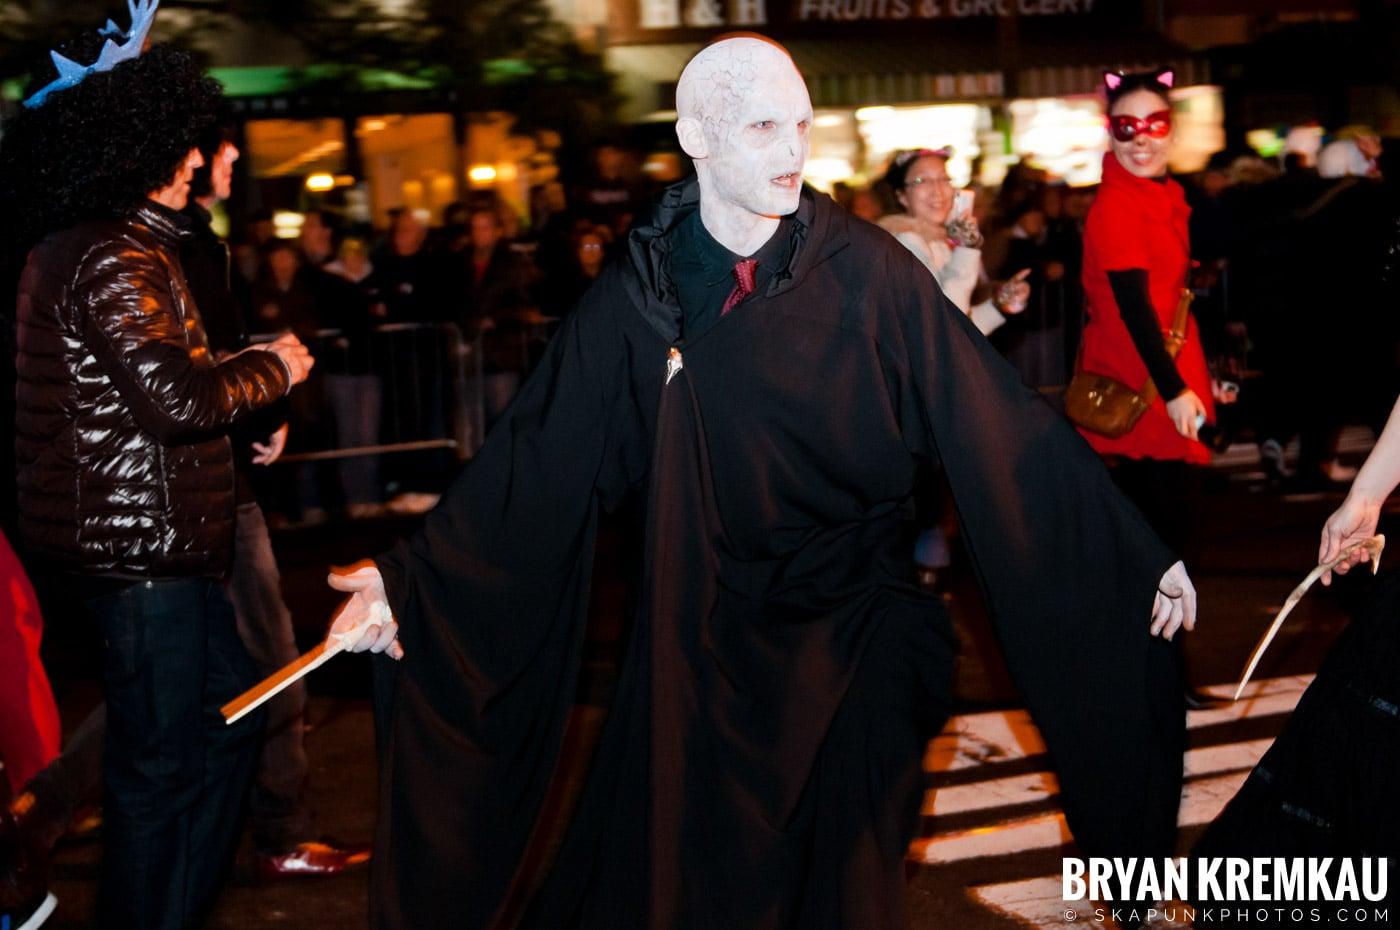 NYC Halloween Parade 2011 @ New York, NY - 10.31.11 (21)